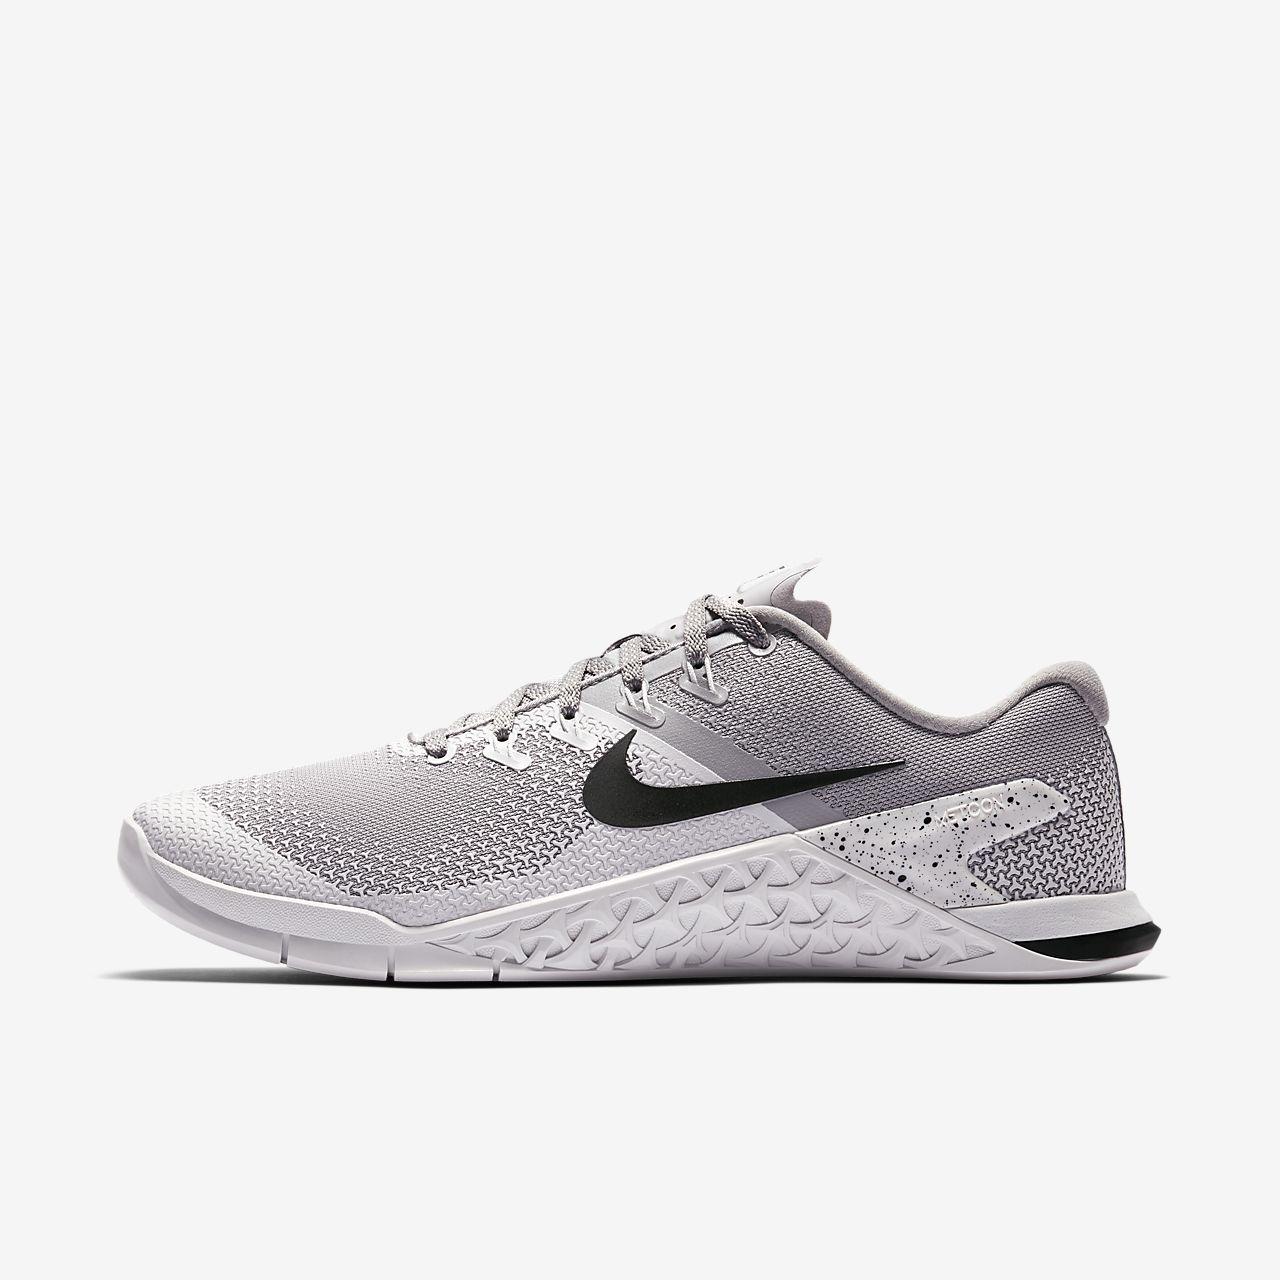 Nike Scarpe Nero con i lacci Taglia 6 condizioni eccellenti.